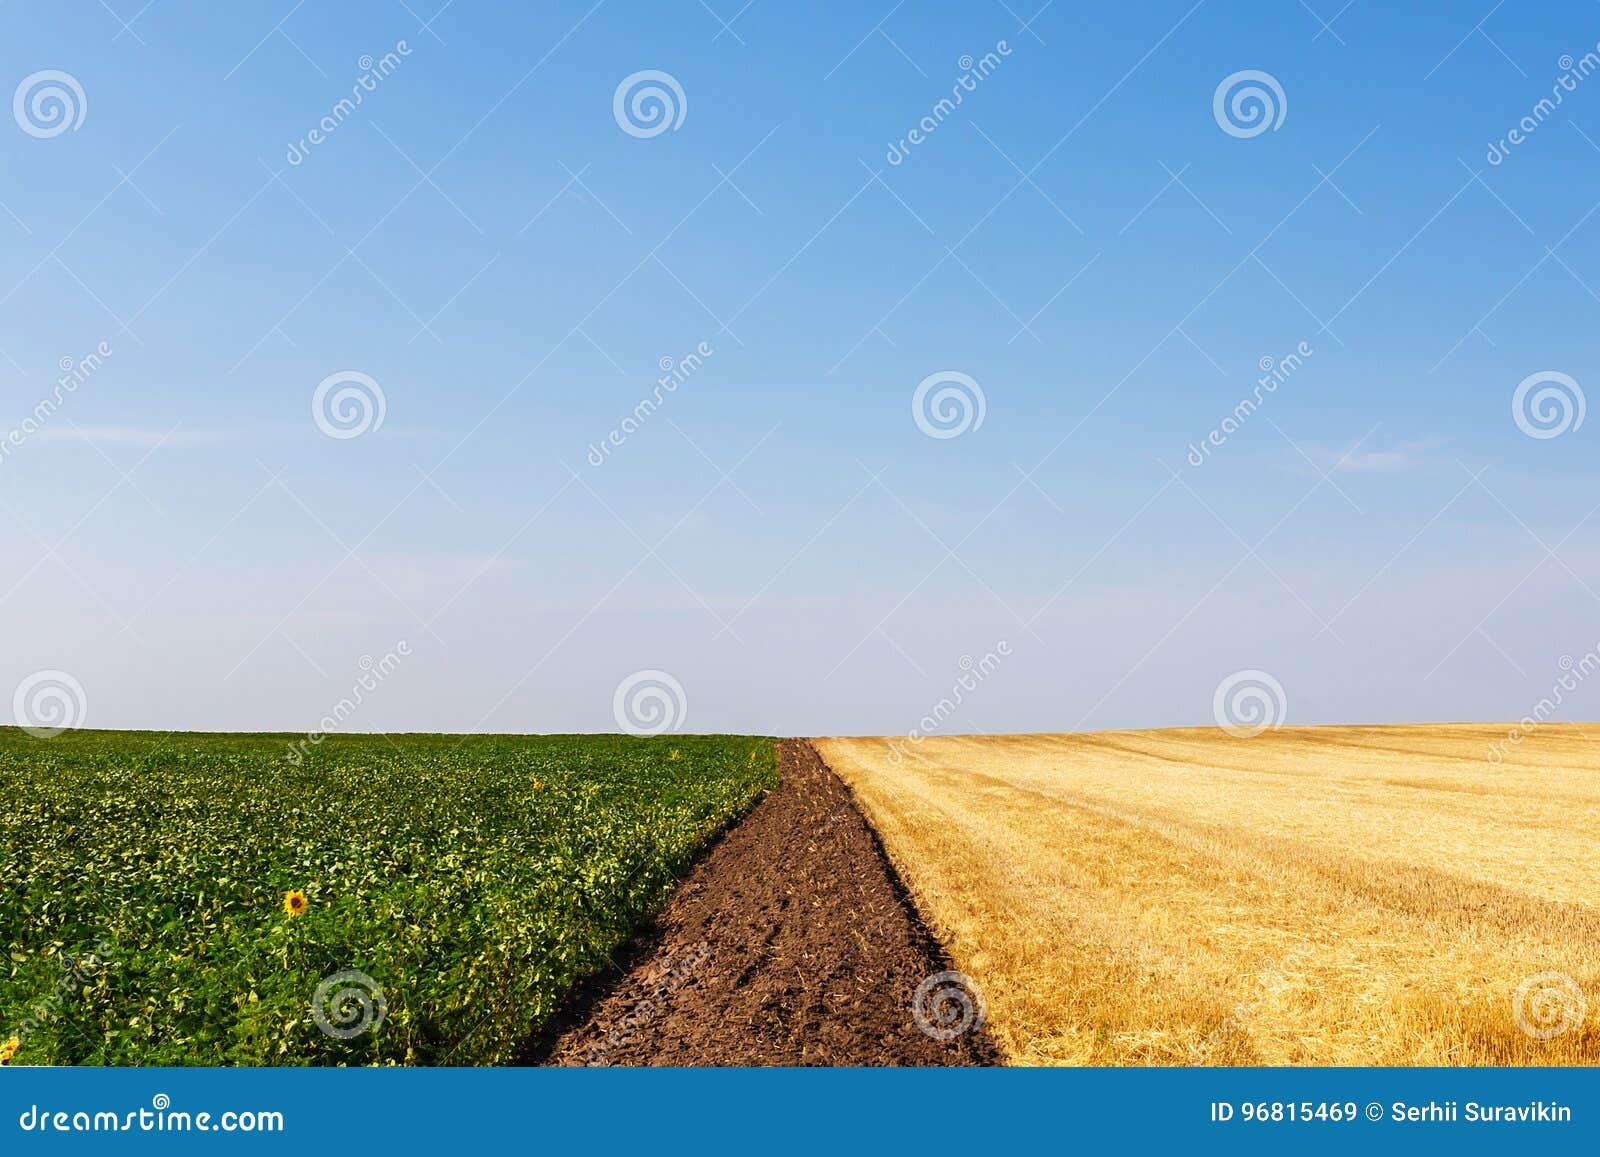 Skördade och unharvested vete- och solrosfält